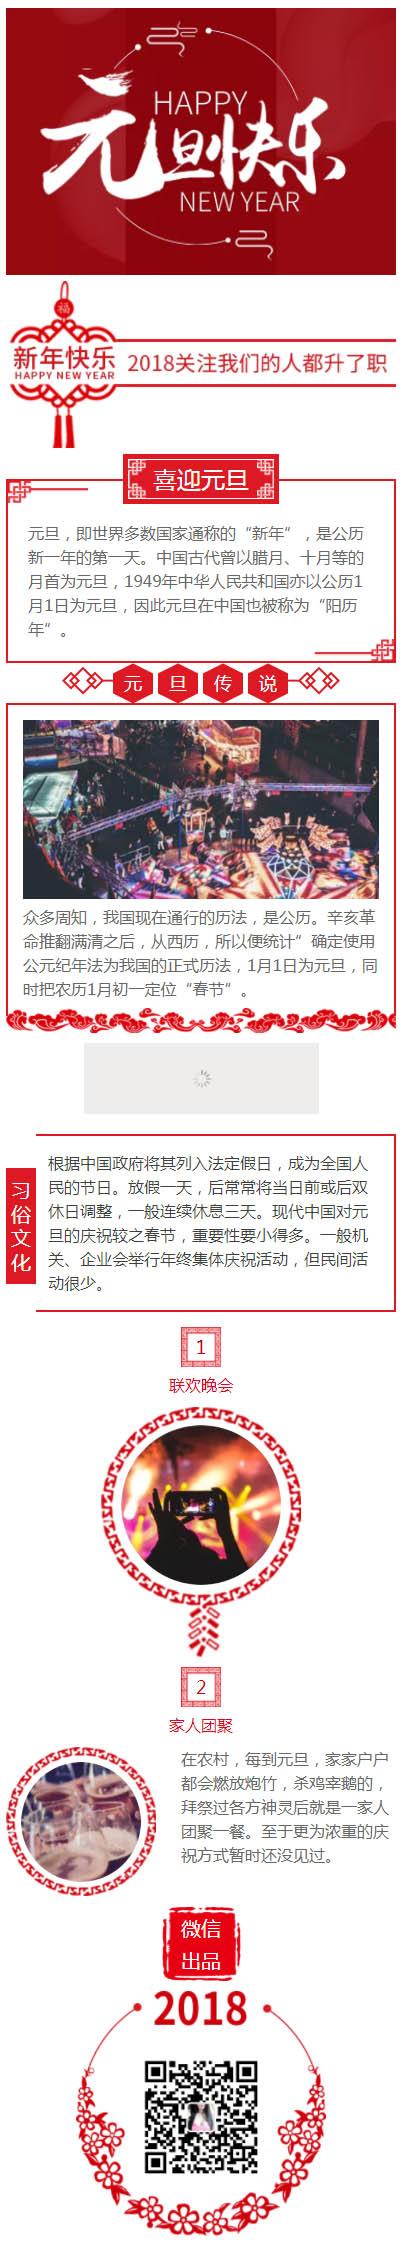 元旦新年春节红色中国风模板